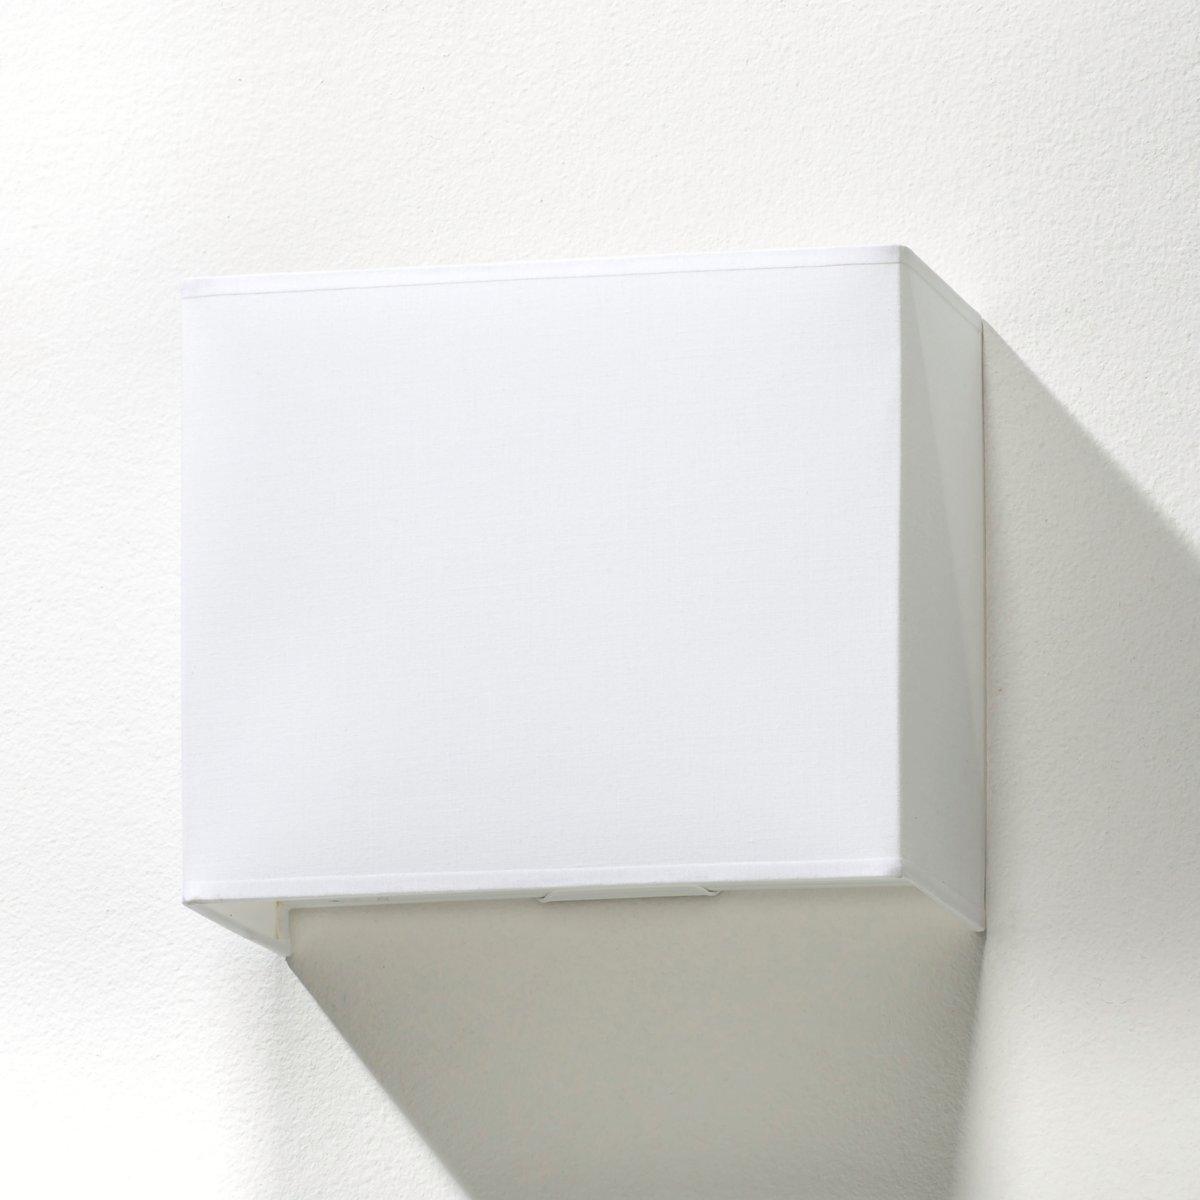 Светильник настенный прямоугольный, SioОписание светильника, SioАбажур прямоугольной формы Патрон E27 для лампочки 40W (не входит в комплект)  .Неэлектрифицированный.Характеристики светильника, SioАбажур 100% хлопок .Найдите нашу коллекцию светильников на сайте laredoute.ru.Размеры светильника, SioШирина : 24 смВысота : 20 смГлубина : 12 см.<br><br>Цвет: белый